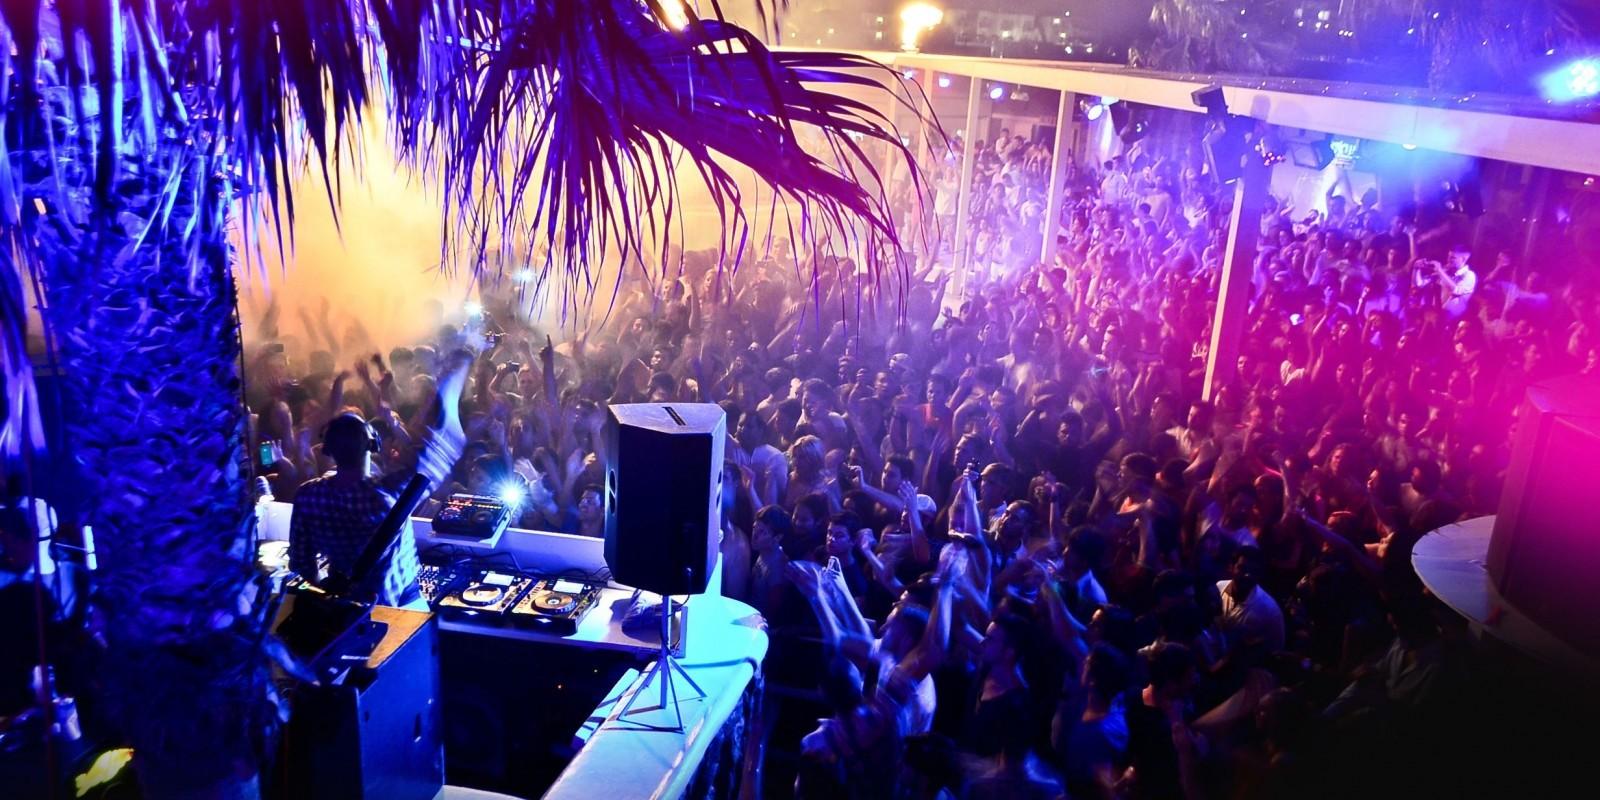 Le discoteche all 39 aperto per l 39 estate a roma for Ibiza ristorante milano